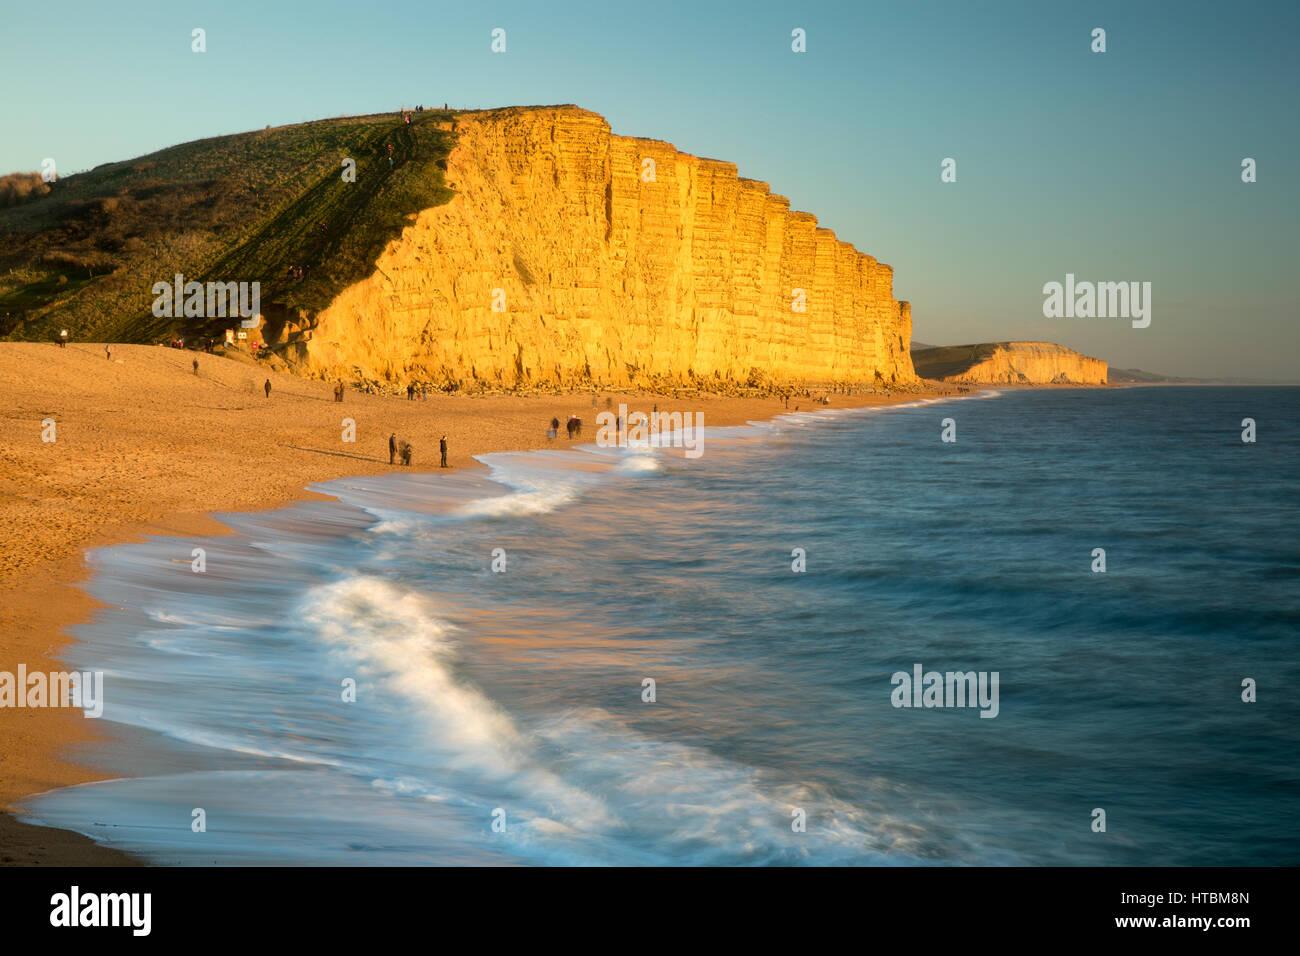 La spiaggia sottostante East Cliff, West Bay, Jurassic Coast, Dorset, England, Regno Unito Immagini Stock